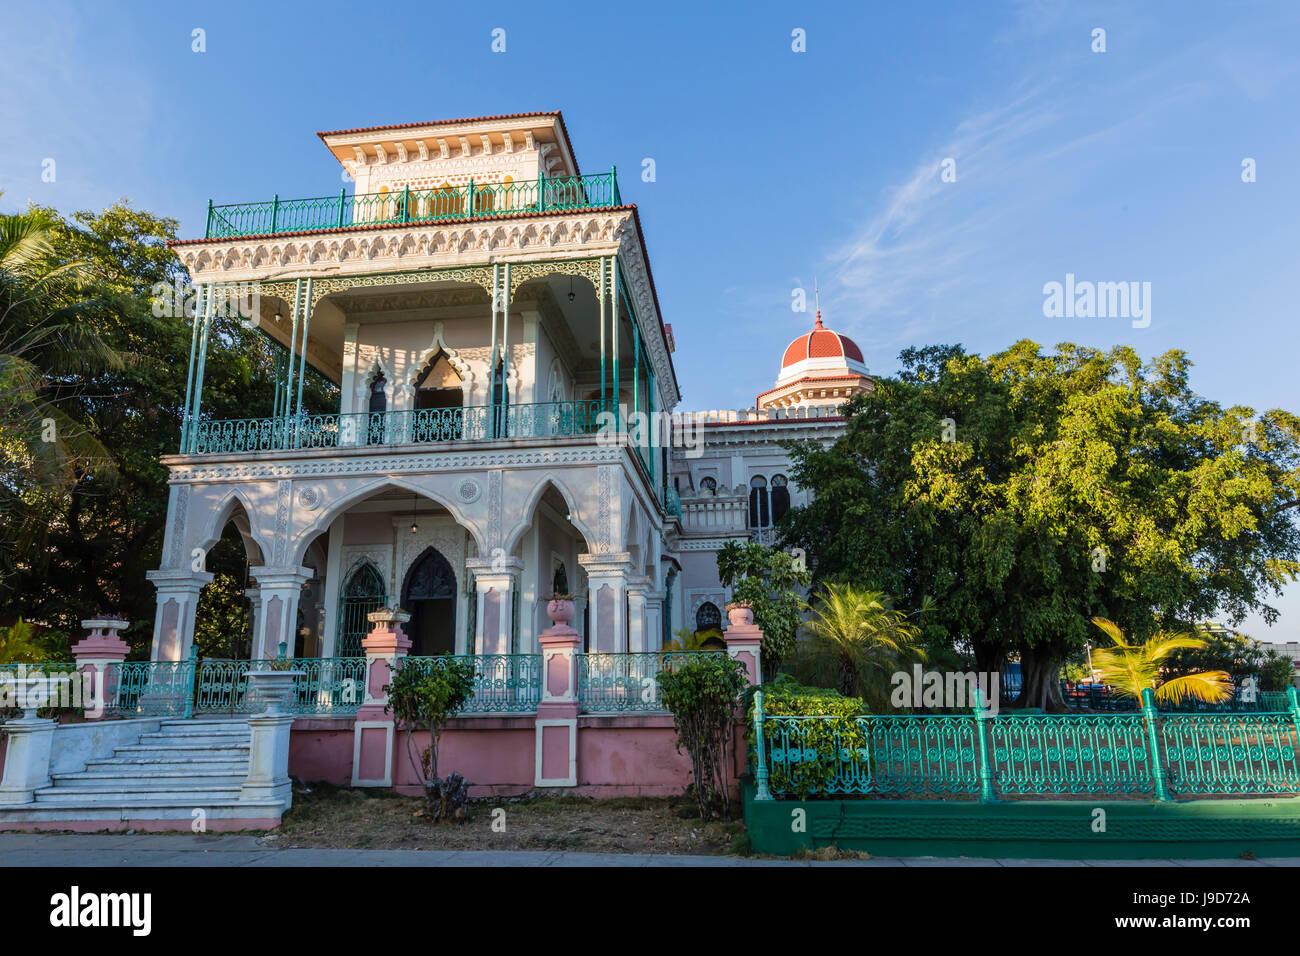 Vista esterna del Palacio de valle (Valle del palazzo), Punta Gorda, Cienfuegos, Cuba, West Indies, dei Caraibi Immagini Stock